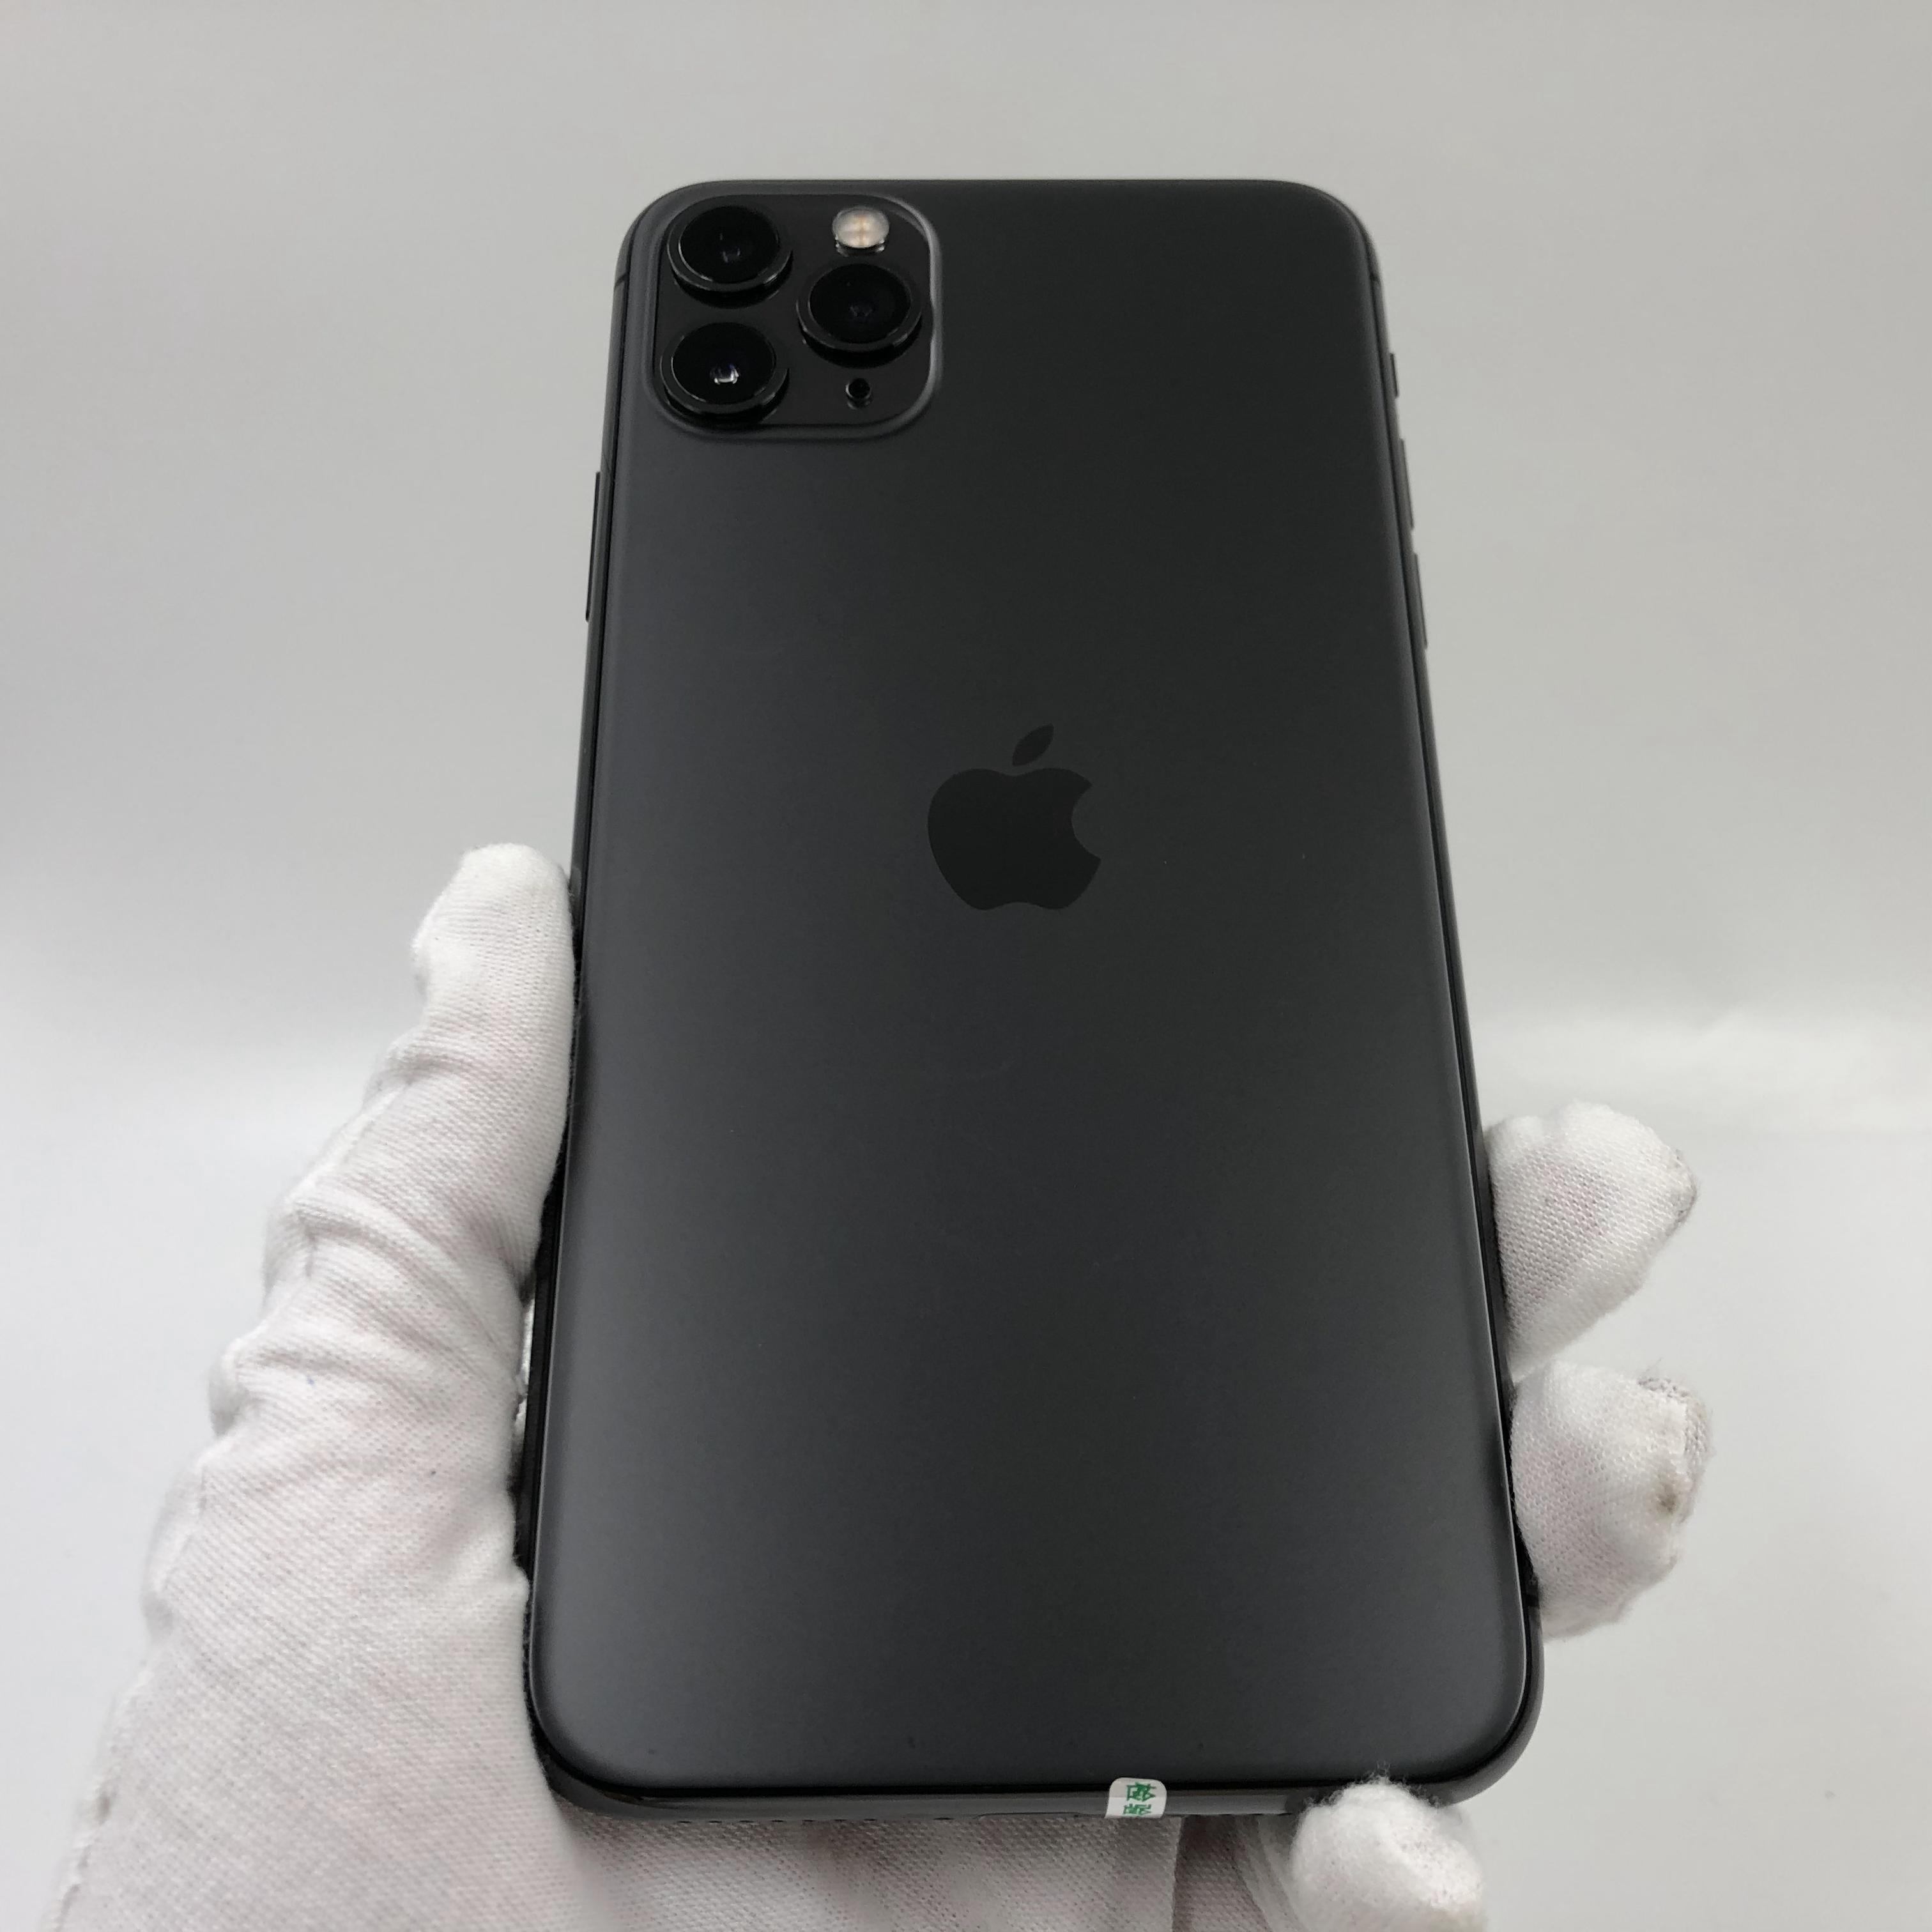 苹果【iPhone 11 Pro Max】4G全网通 深空灰 256G 国行 99新 真机实拍